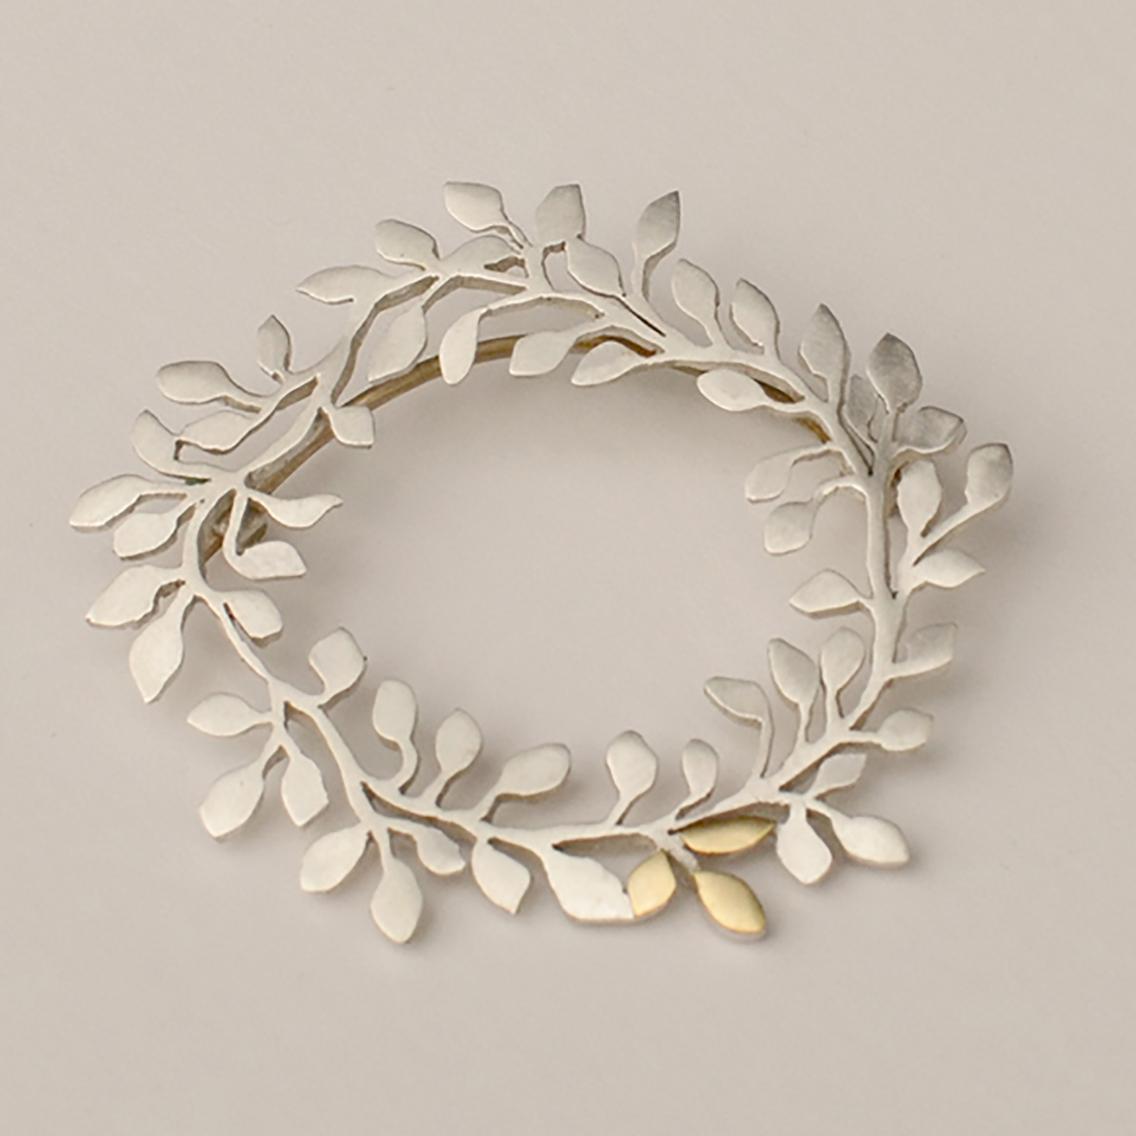 Jewellery by Caroline Reynolds